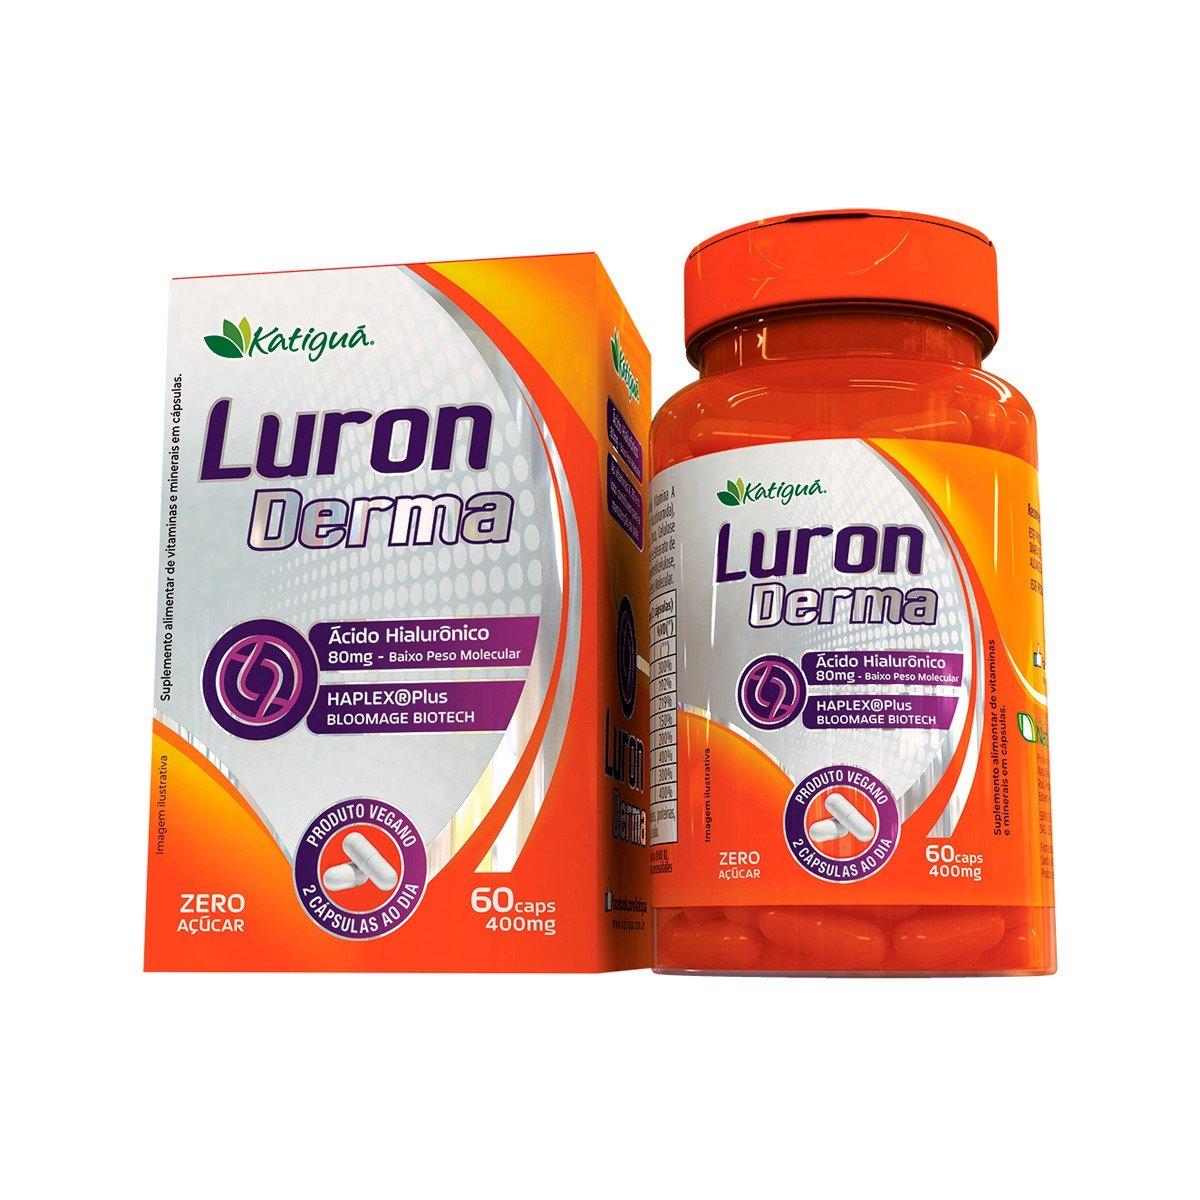 Luron  derma  - Ácido Hialurônico de baixa densidade molecular + Vitaminas e Minerais para a pele-main